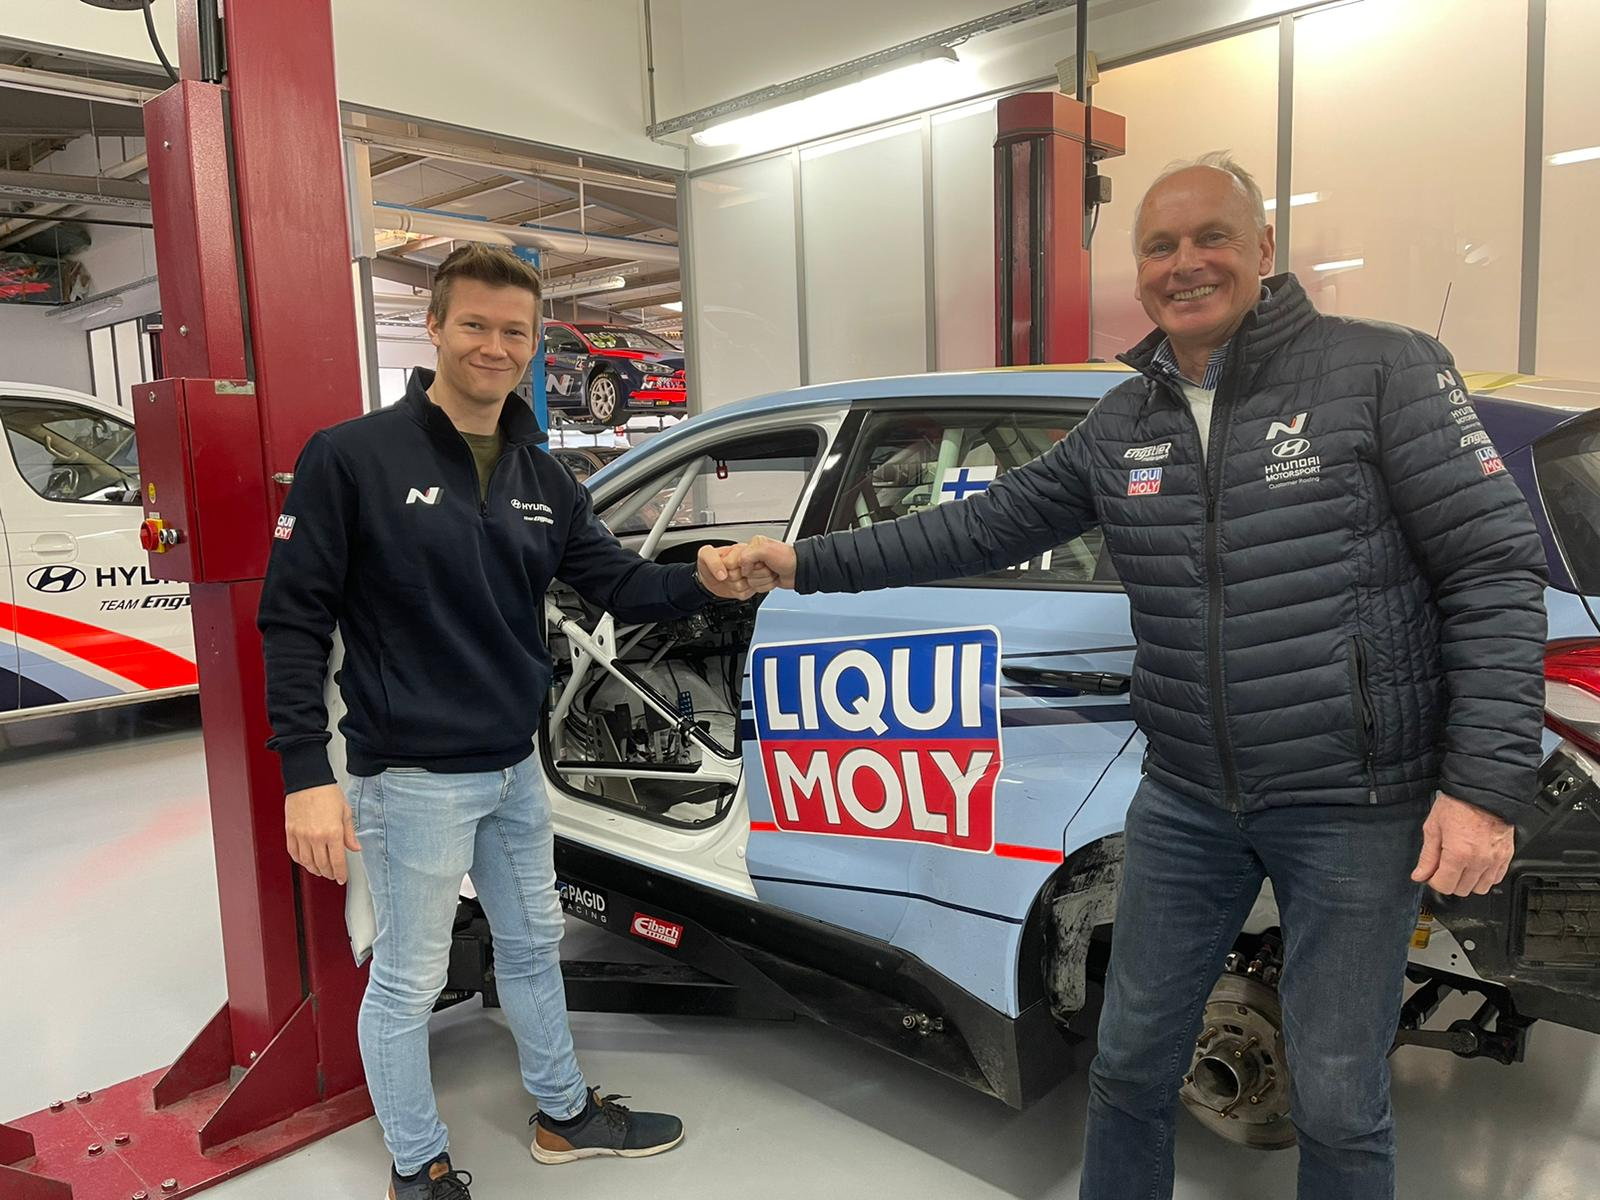 Martin Andersen bliver en del af det store tyske Hyundai-team, Team Engstler. Ejer Franz Engstler glæder sig over aftalen, som sikrer teamet et nyt, stærkt kort på hånden til ADAC TCR Germany. Foto: Andersen Motorsport